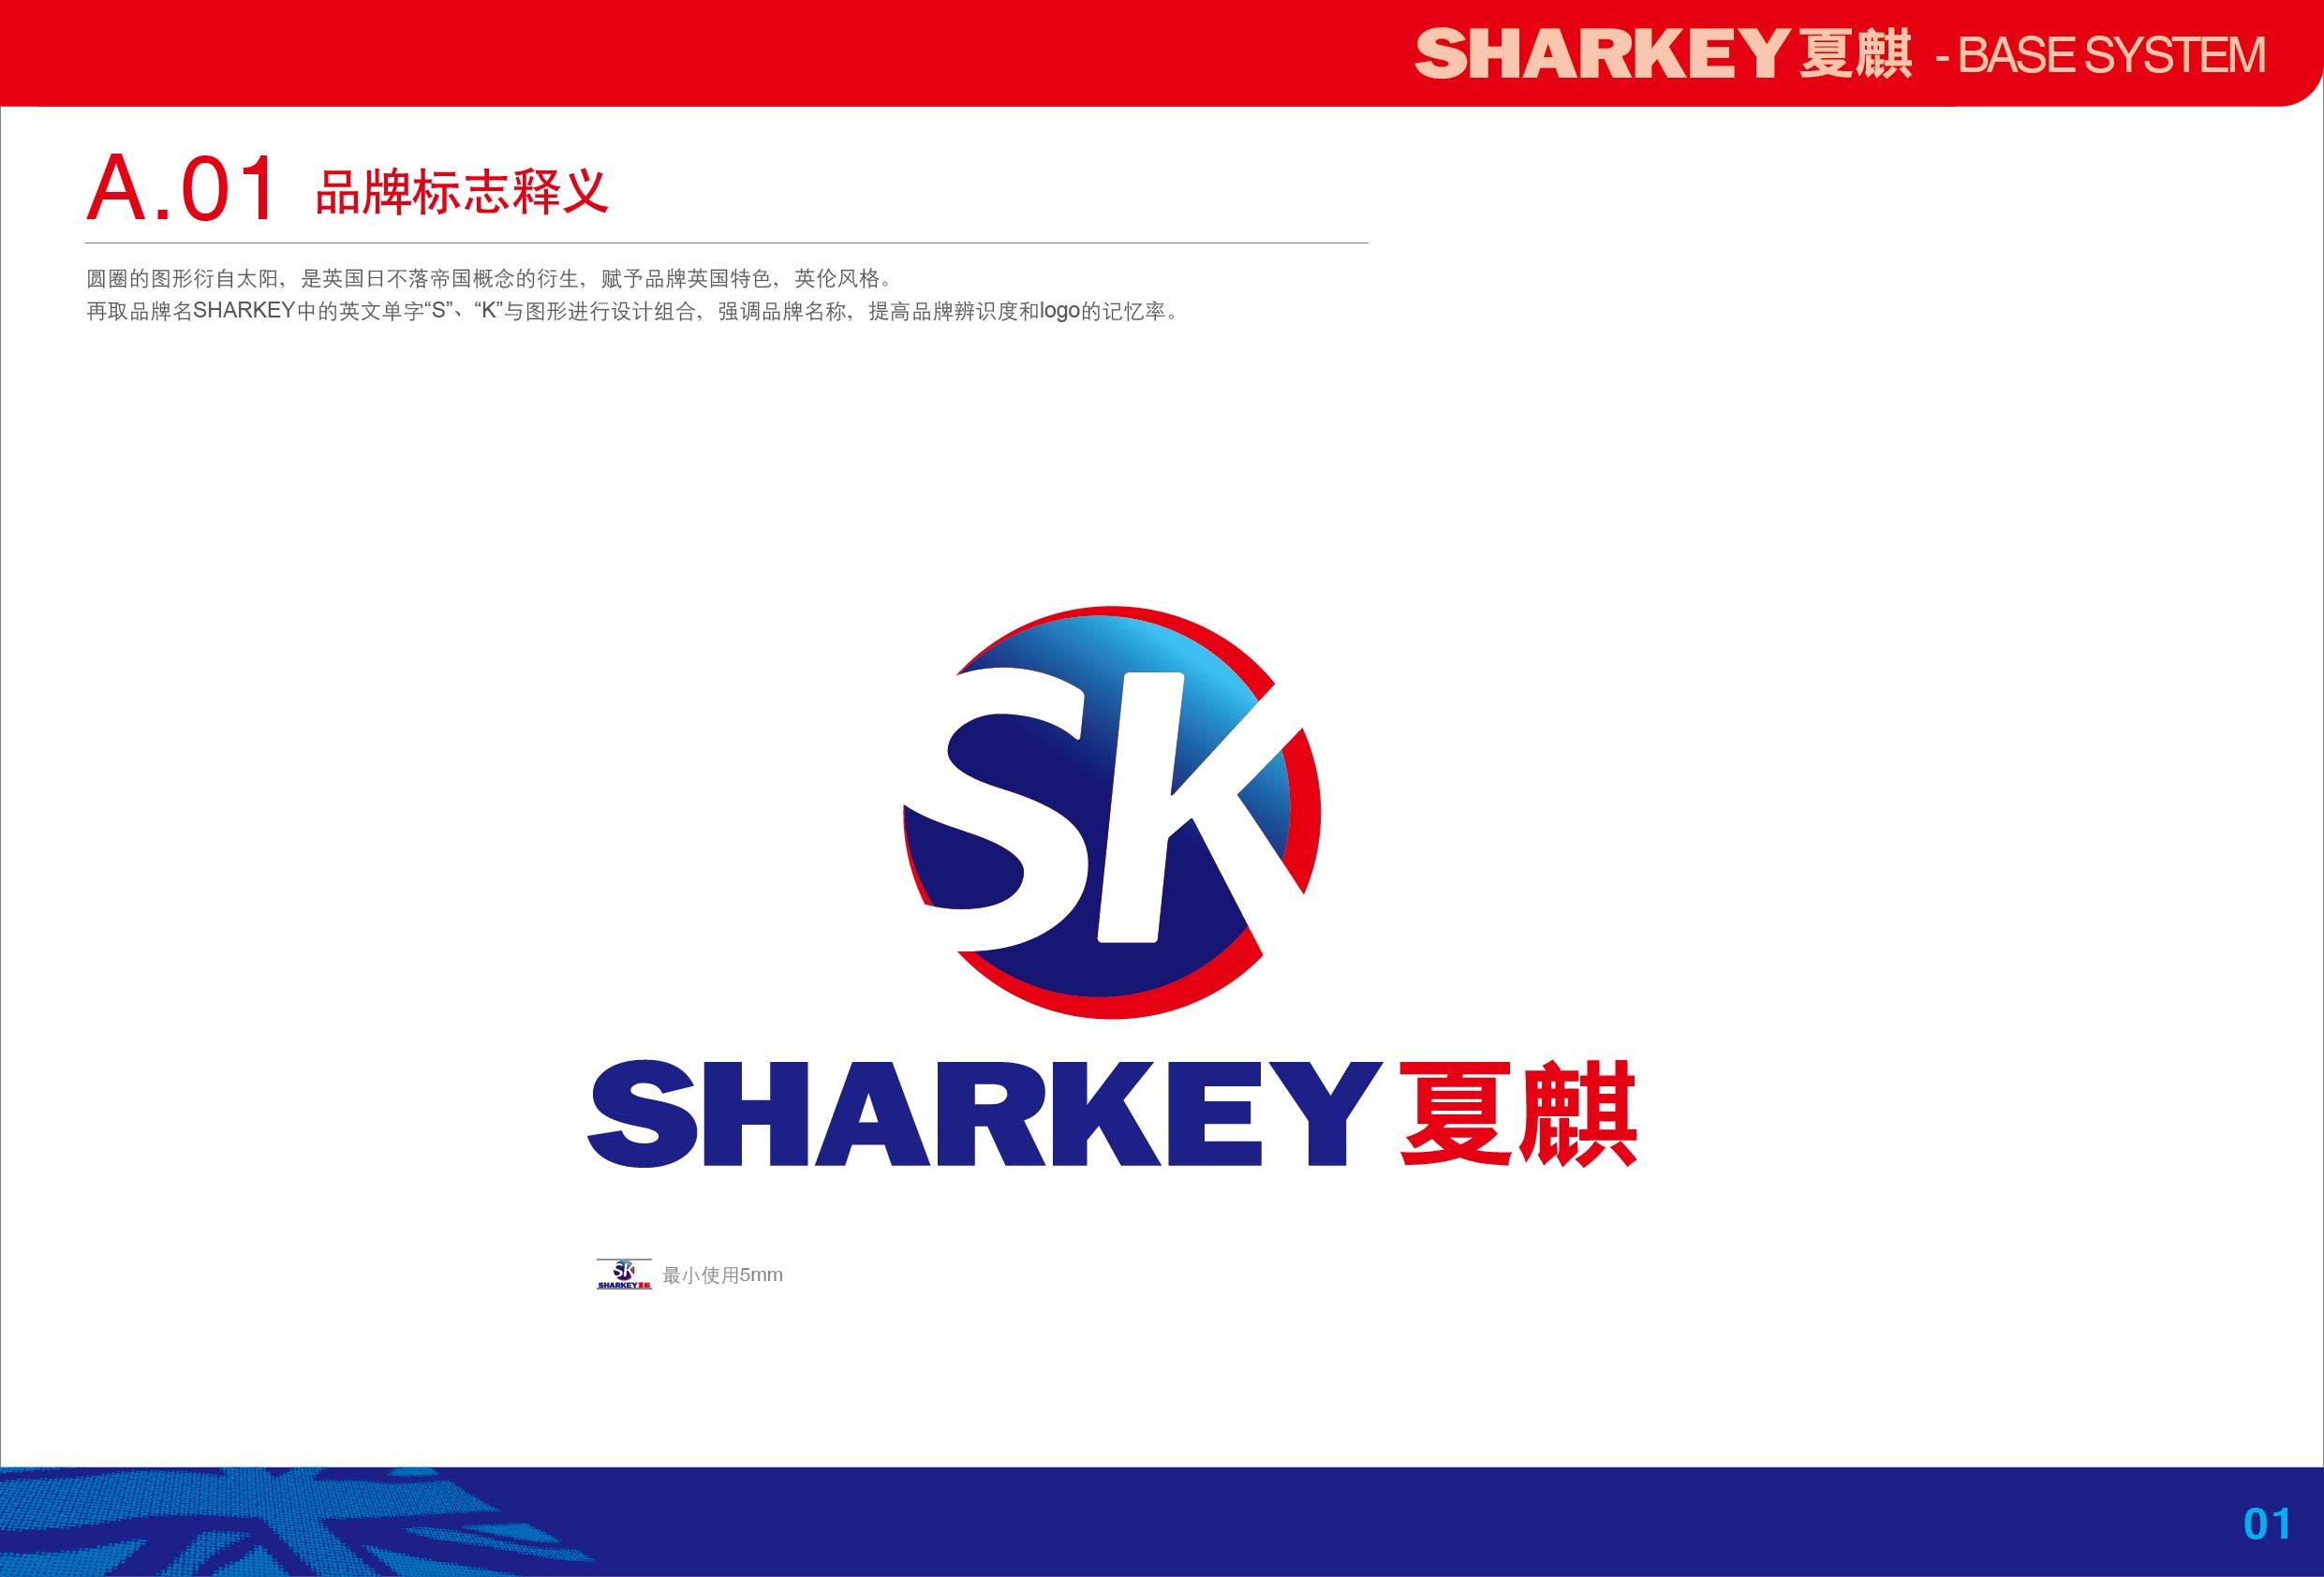 A夏麒logo-基础系统.aiA-02